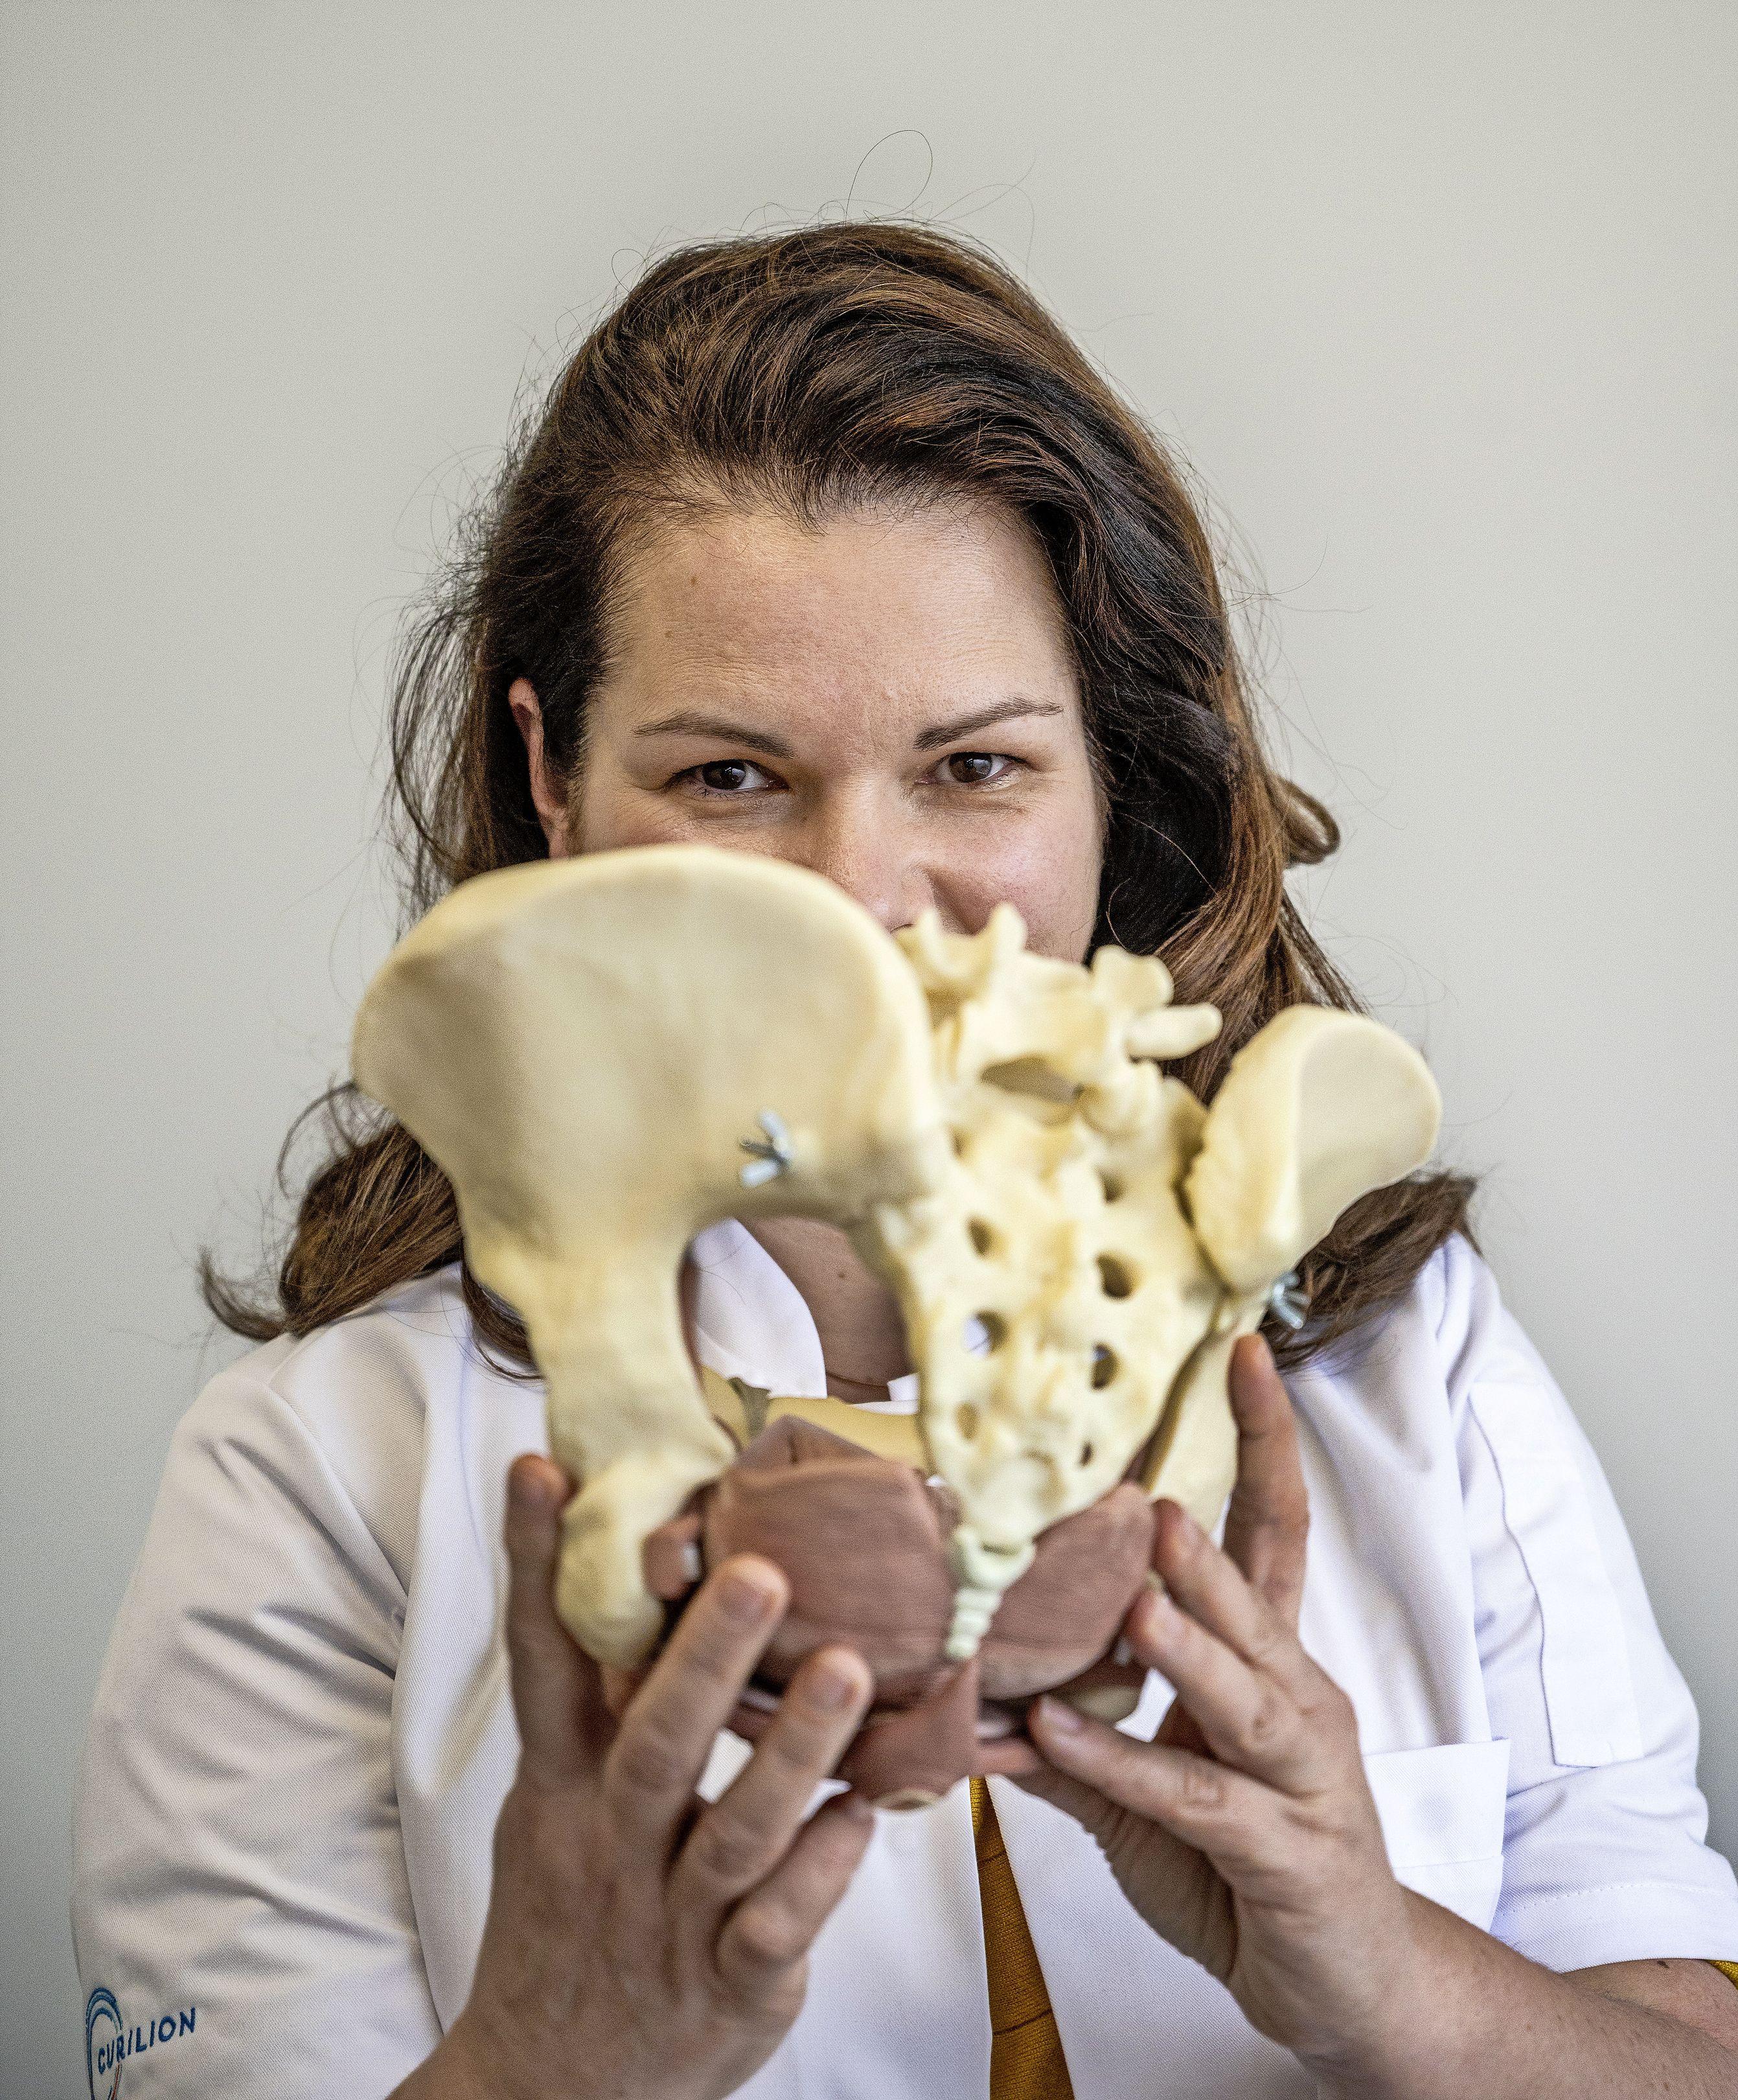 Chirurg Vera Rempe wil de anus uit de taboesfeer halen: 'Mensen blijven onnodig lang rondlopen met problemen'